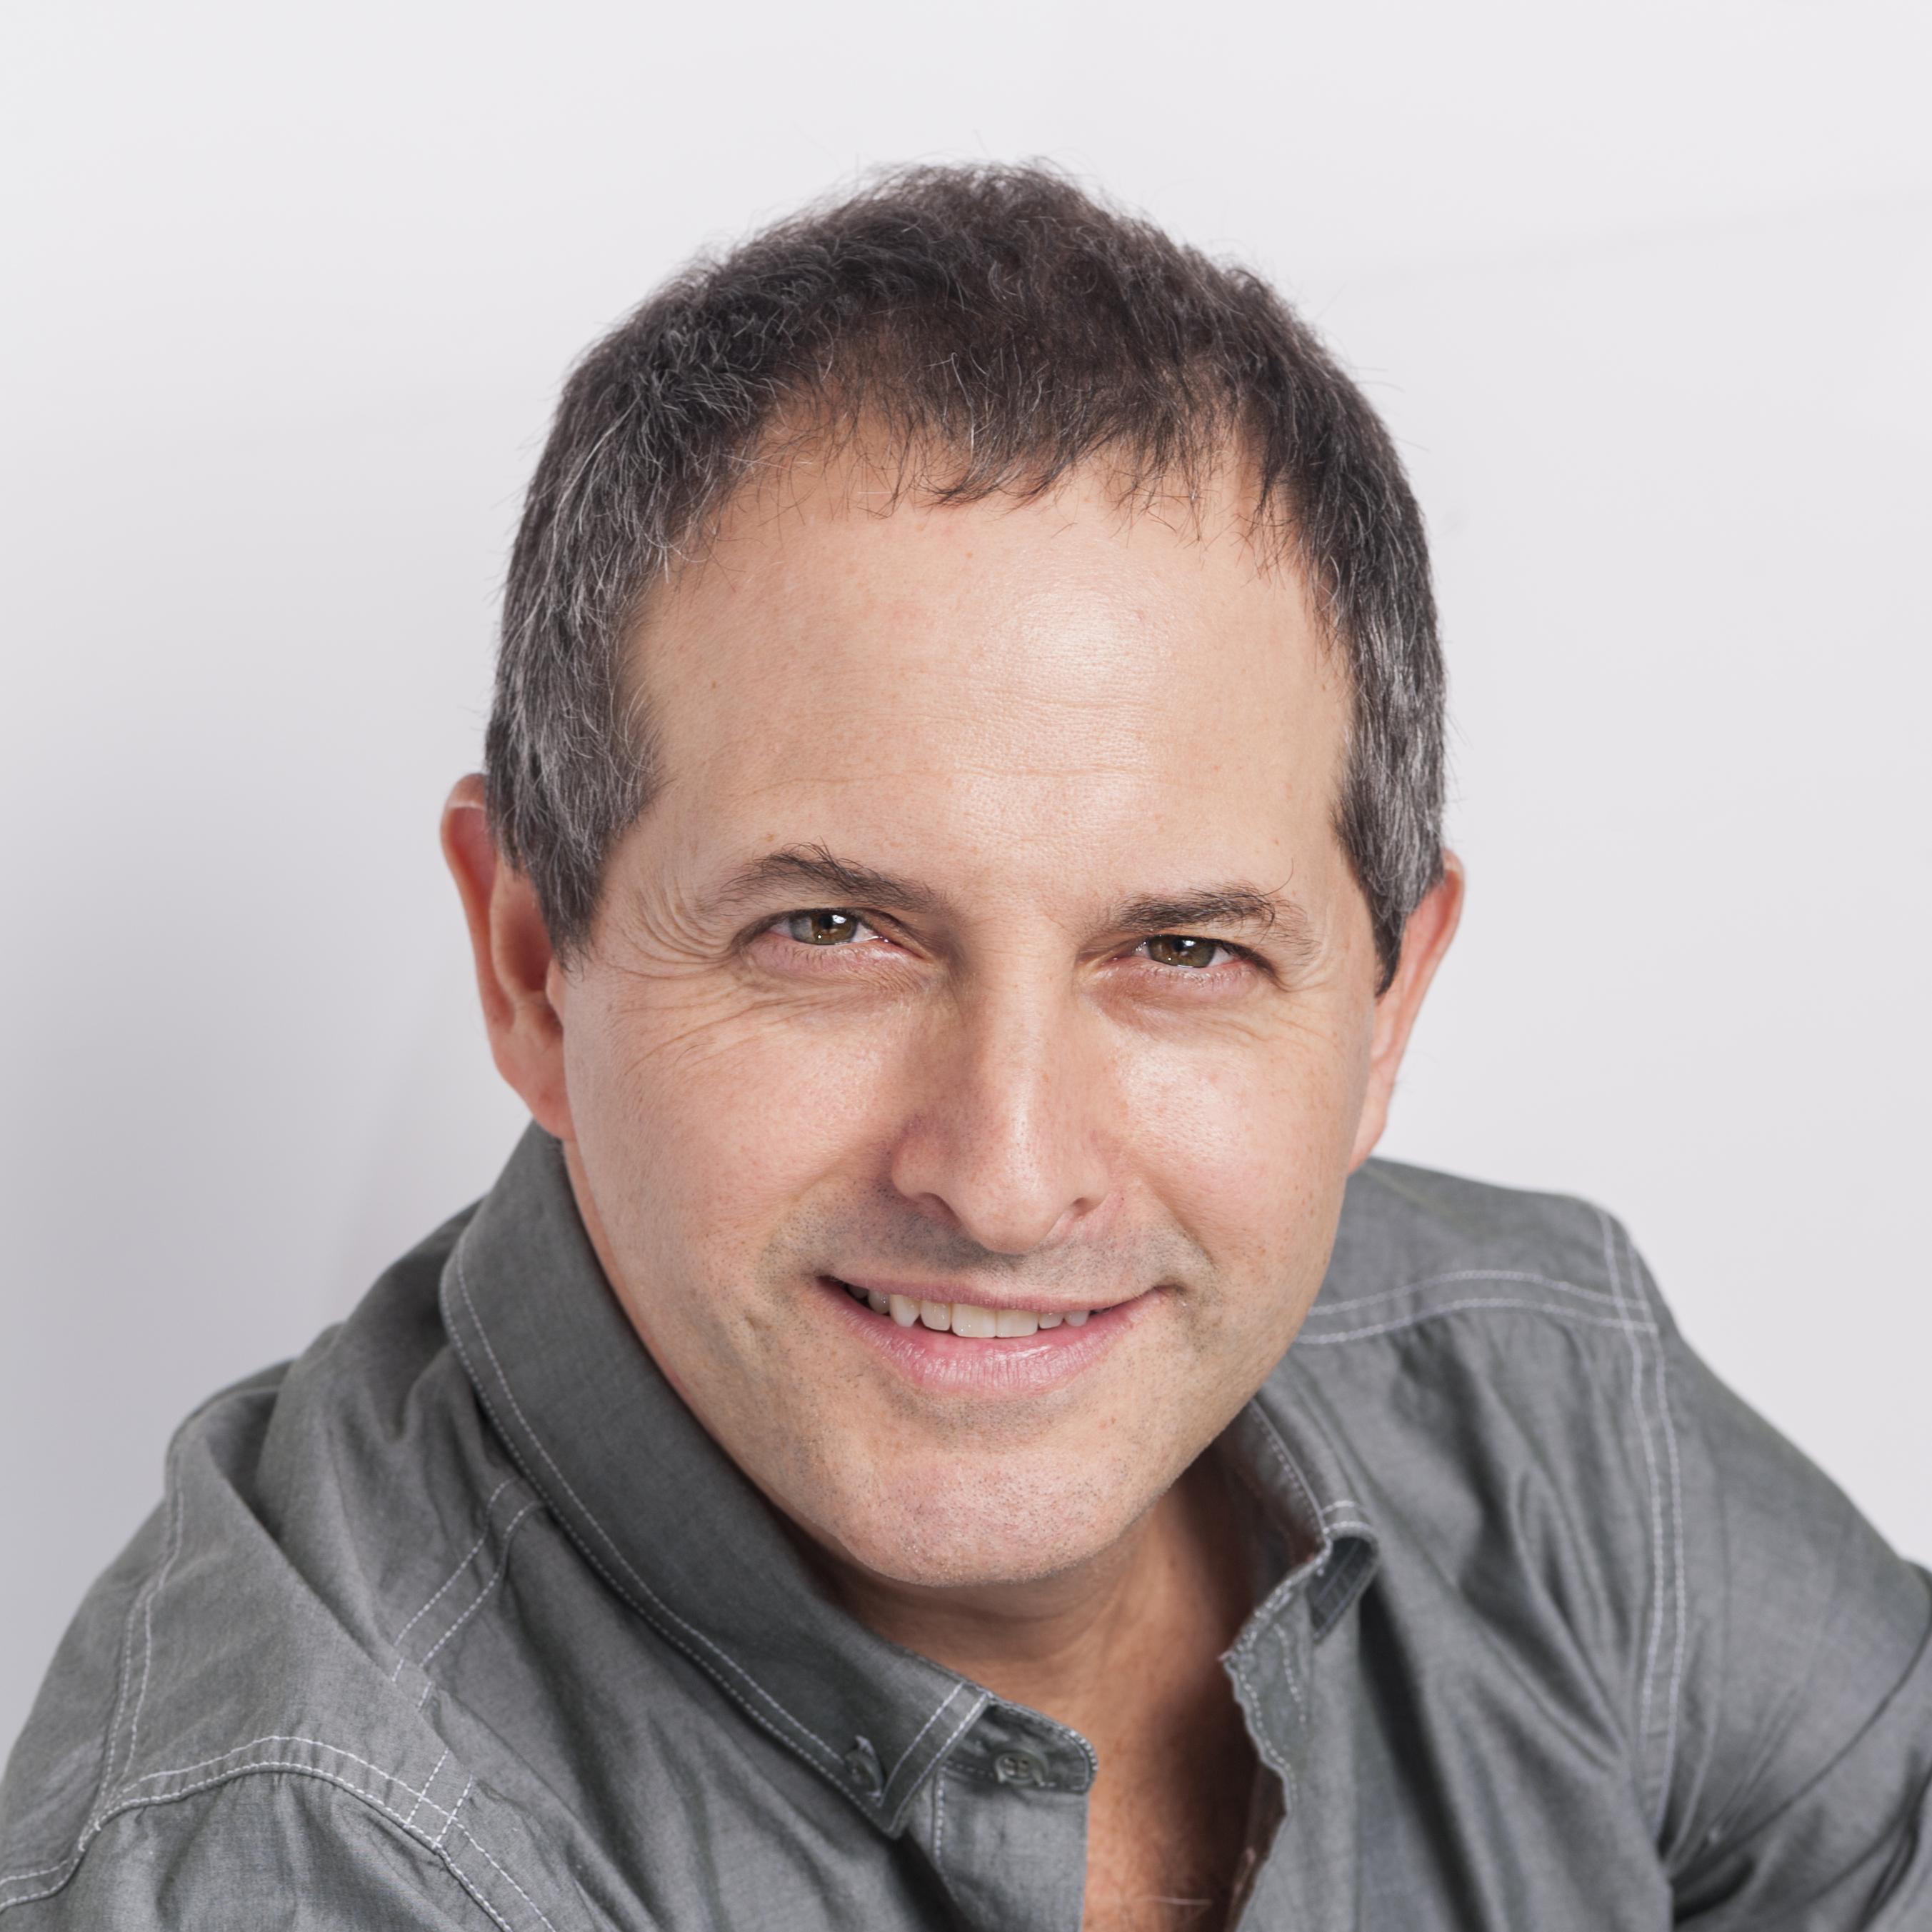 Brian Alperstein